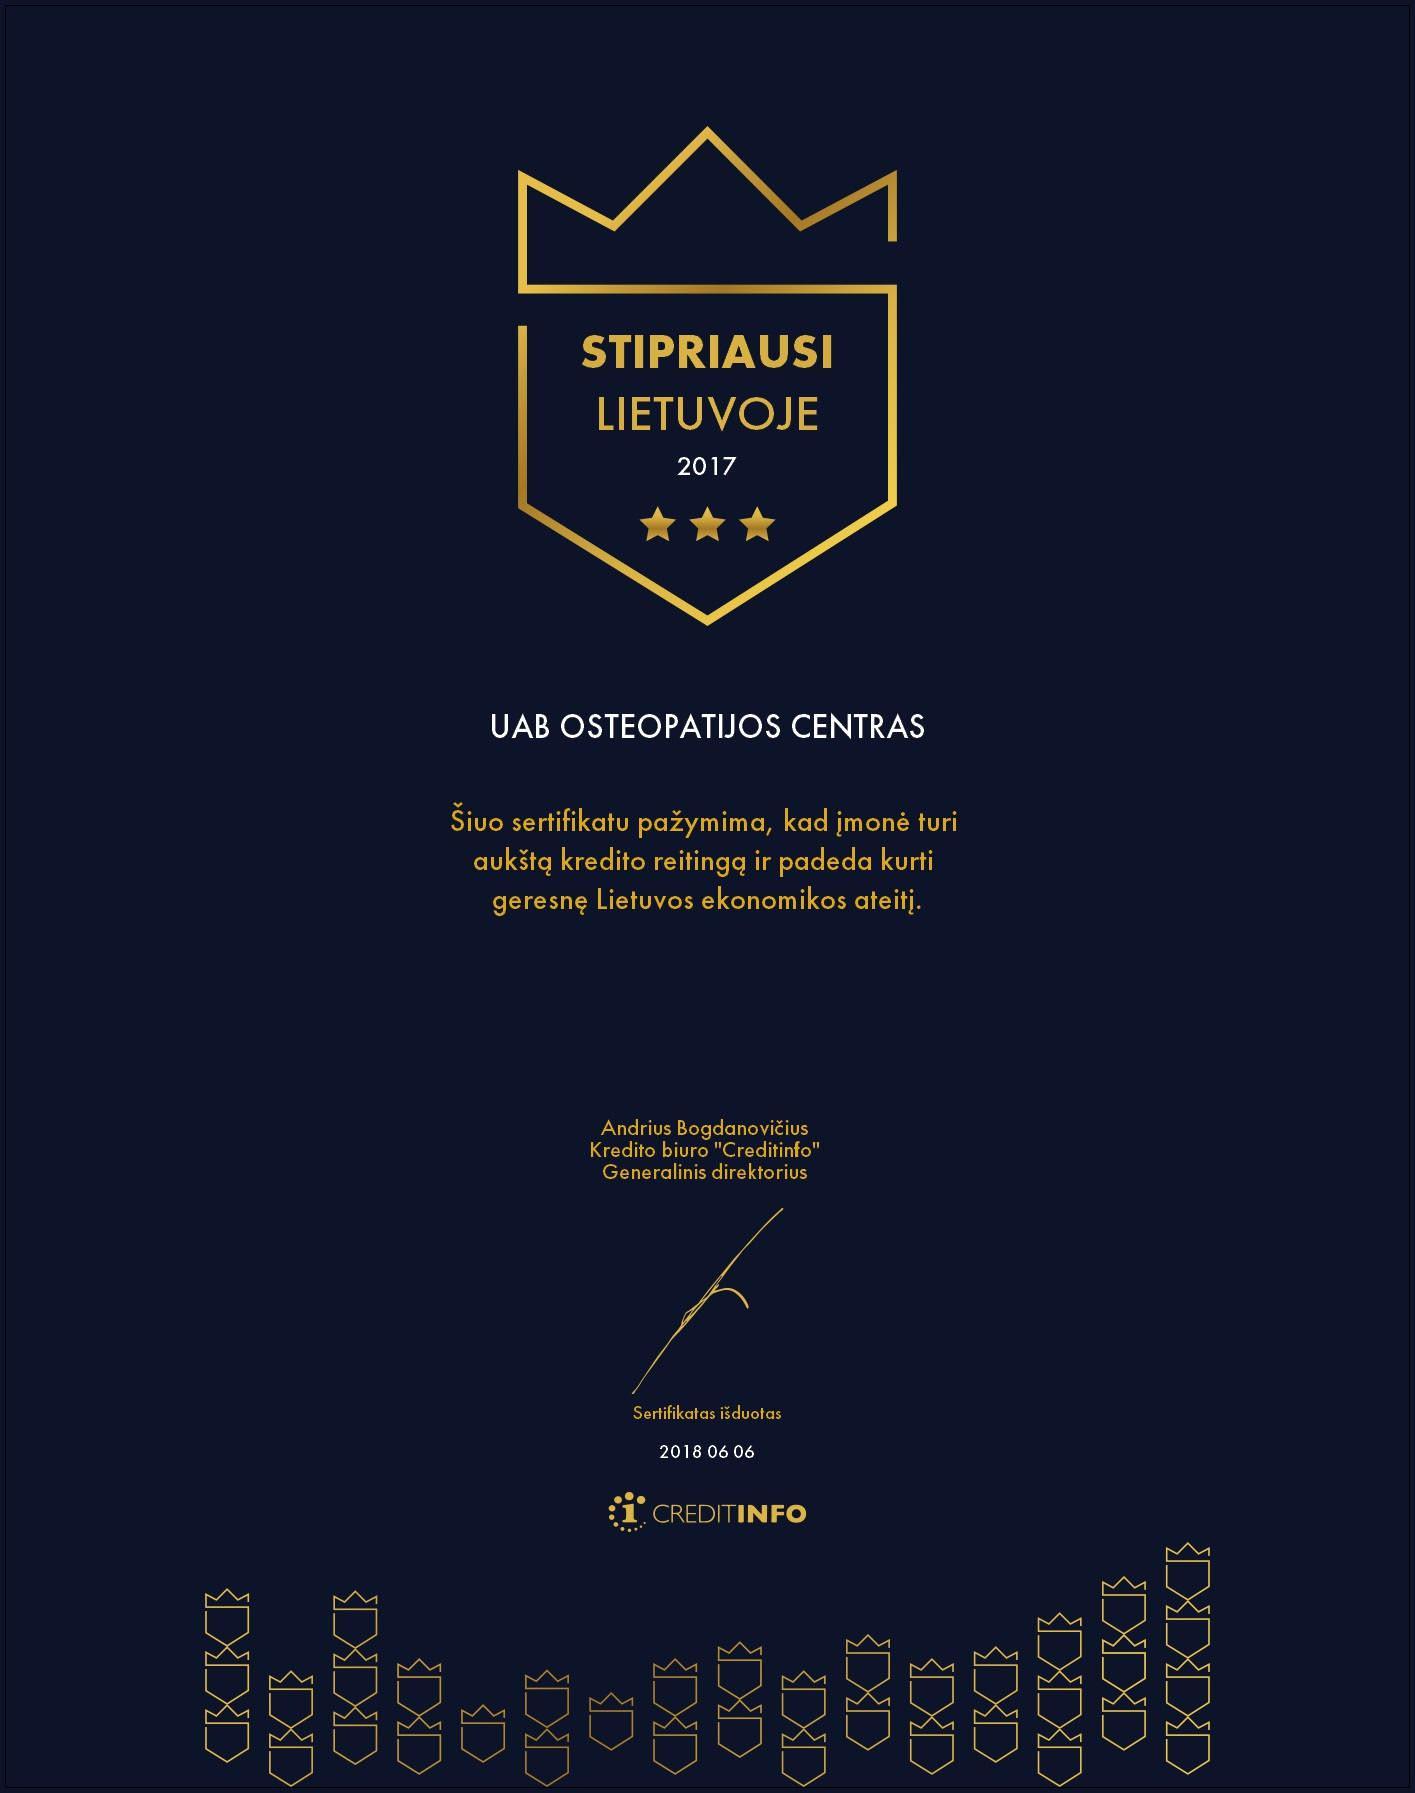 Stipriausi Lietuvoje 2017 sertifikatas